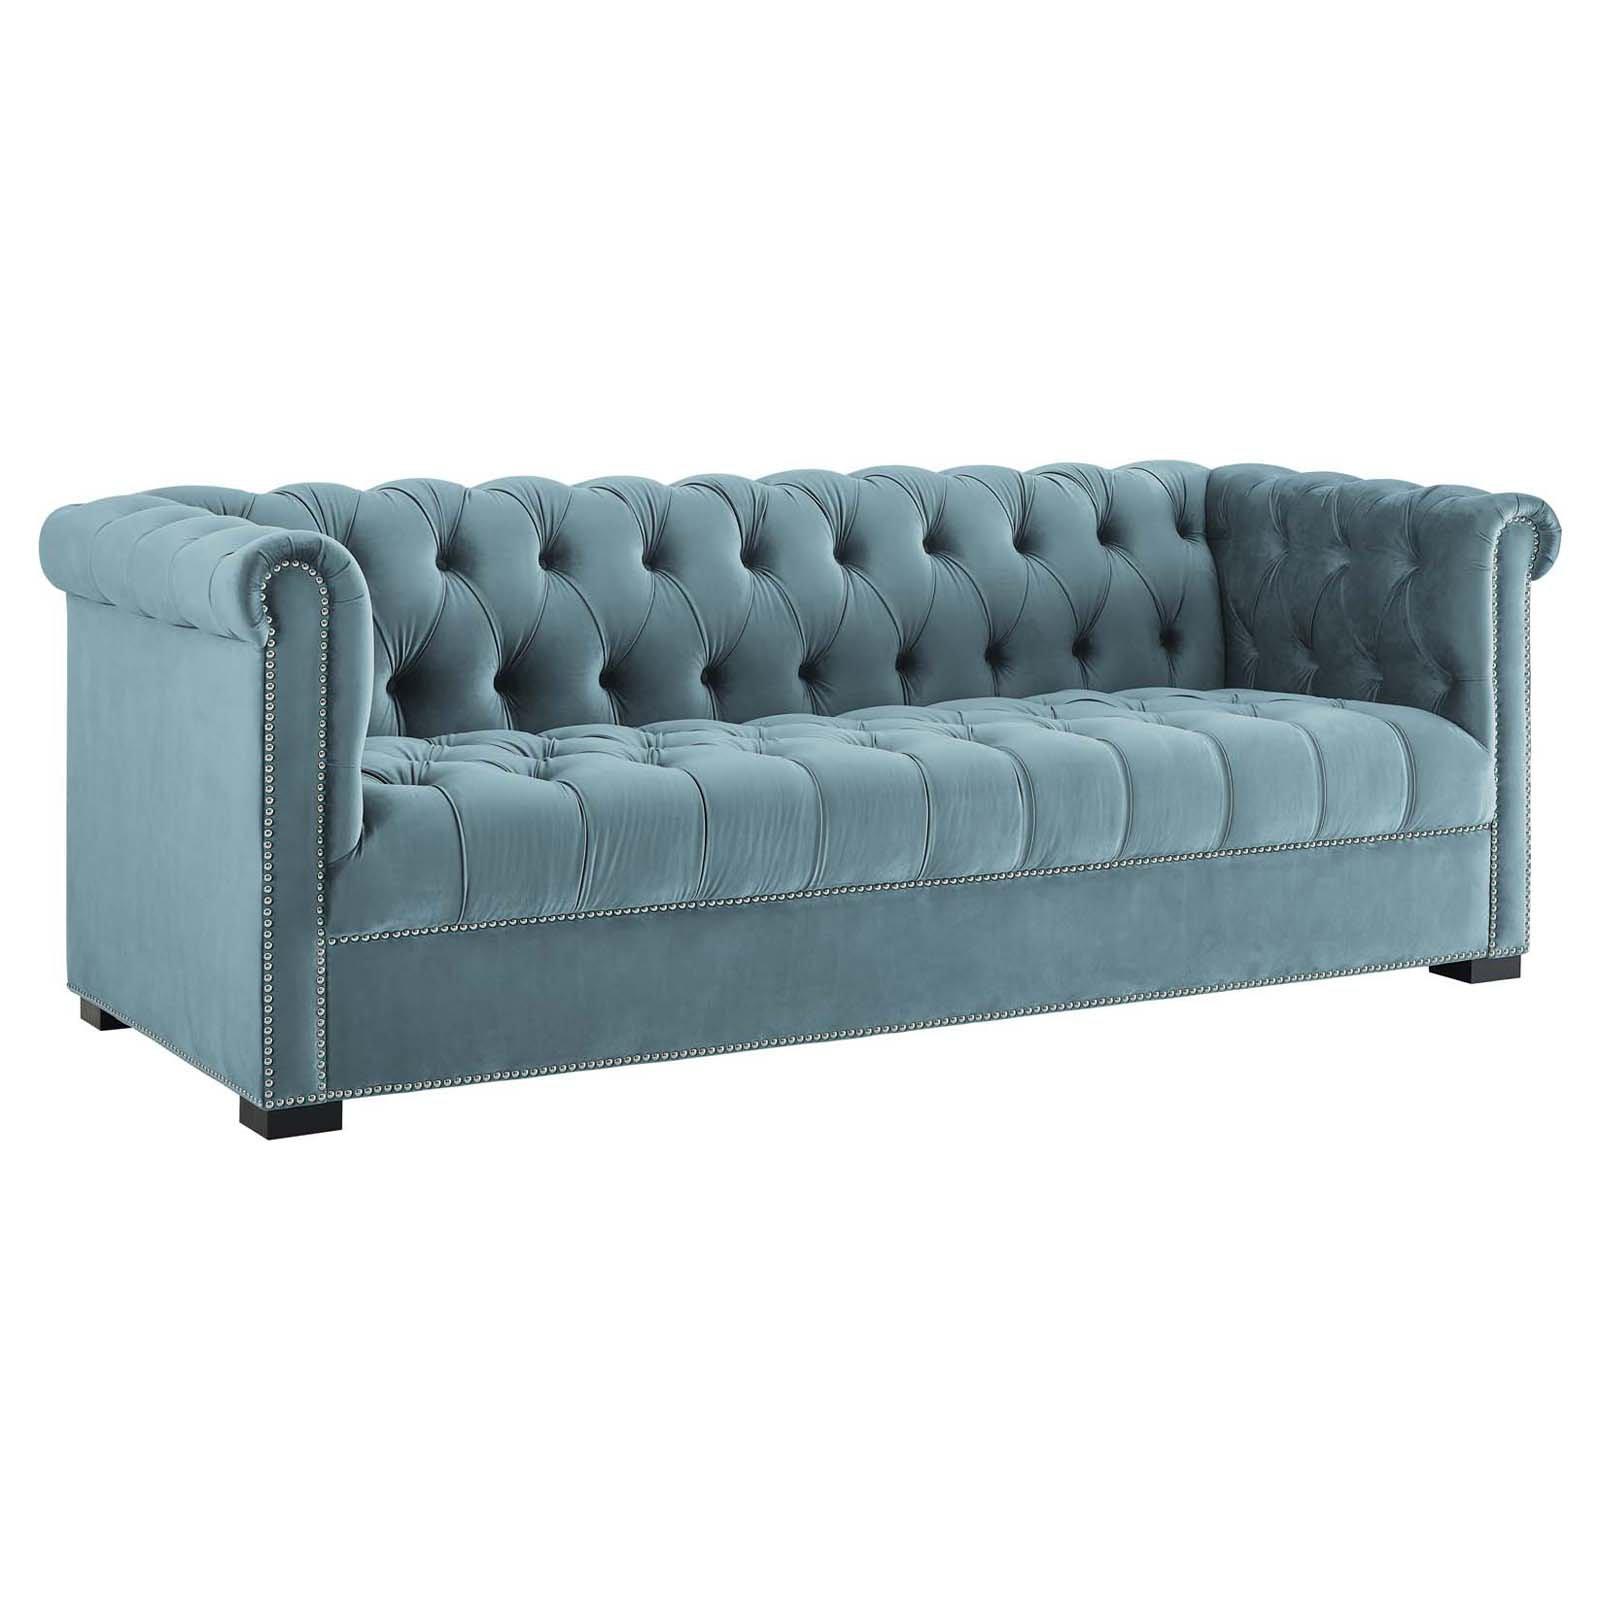 Modway Heritage Upholstered Velvet Sofa Chesterfield Style Sofa